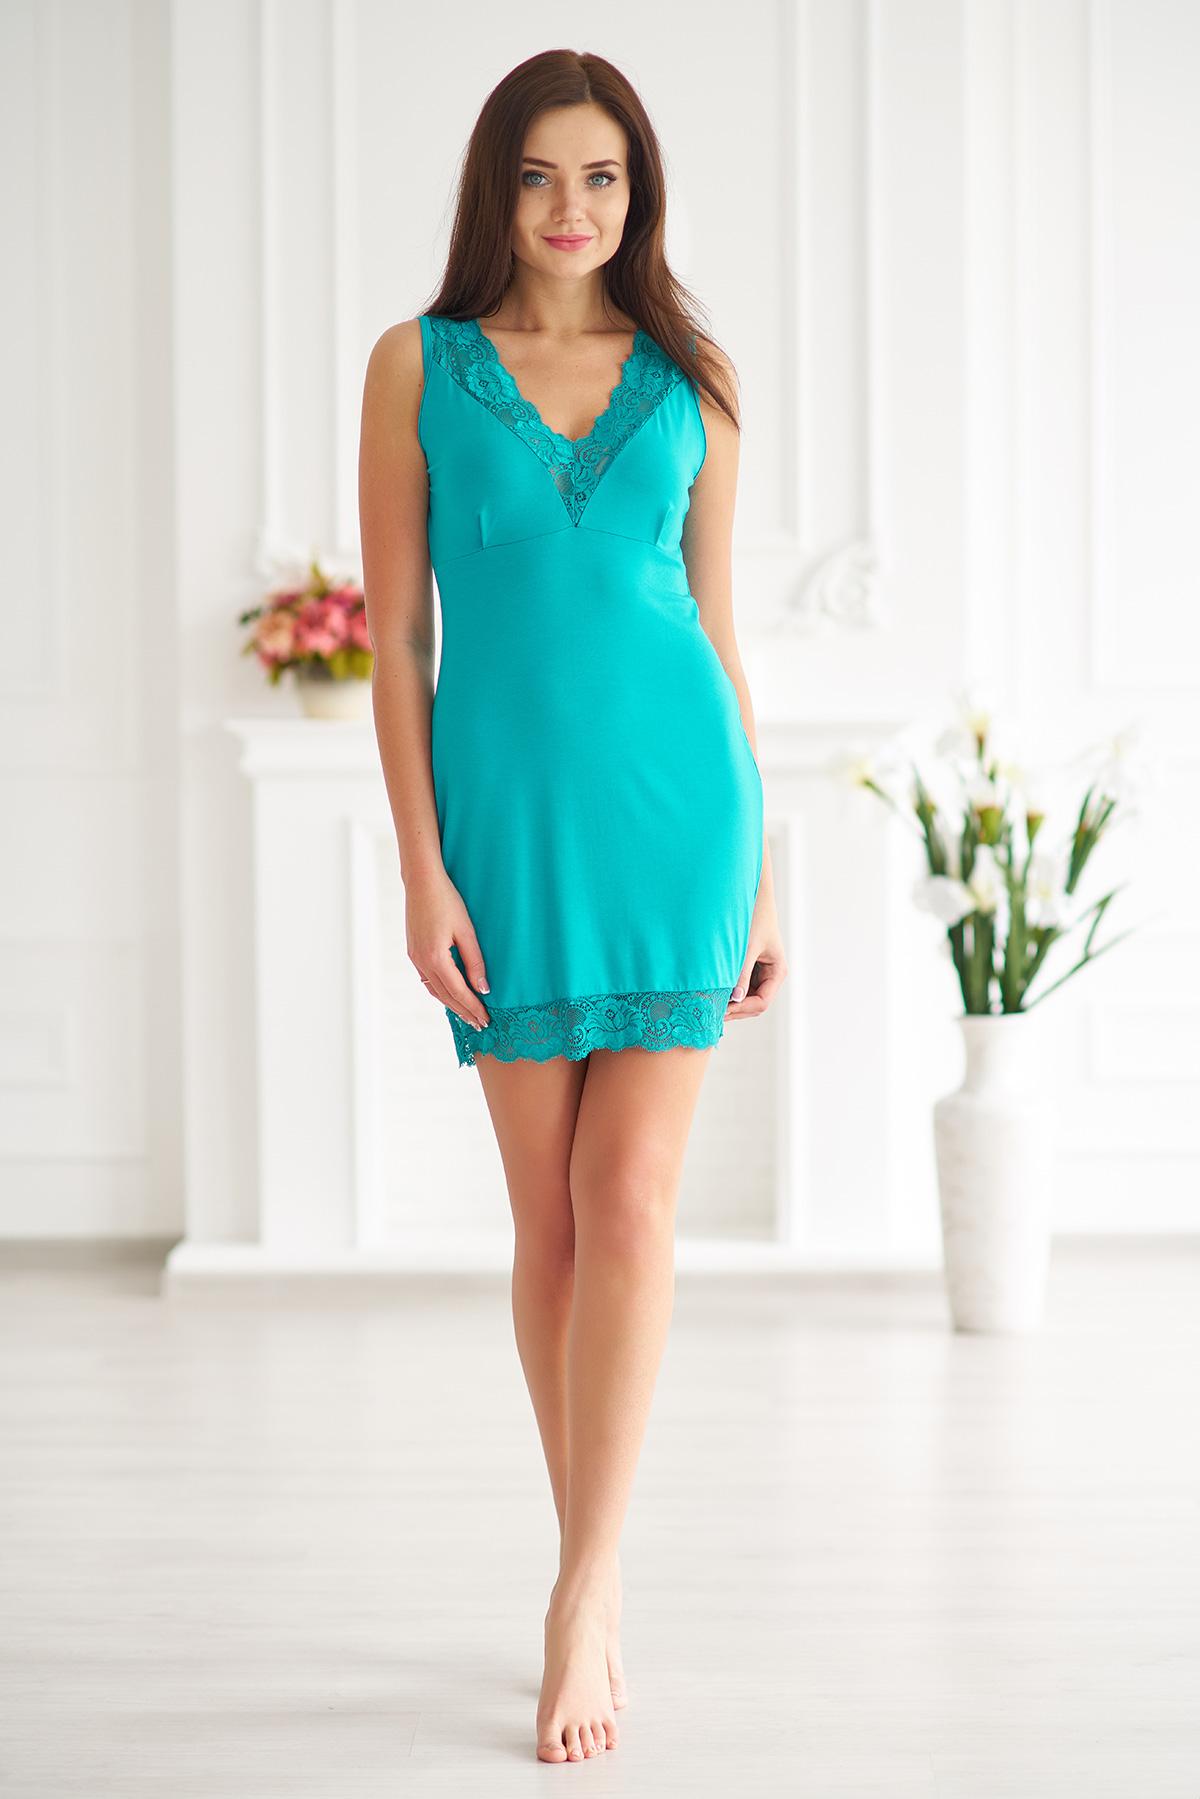 Жен. сорочка арт. 19-0006 Изумрудный р. 52Ночные сорочки<br>Факт. ОГ: 86 см <br>Факт. ОТ: 102 см <br>Факт. ОБ: 110 см <br>Длина по спинке: 77 см<br><br>Тип: Жен. сорочка<br>Размер: 52<br>Материал: Вискоза